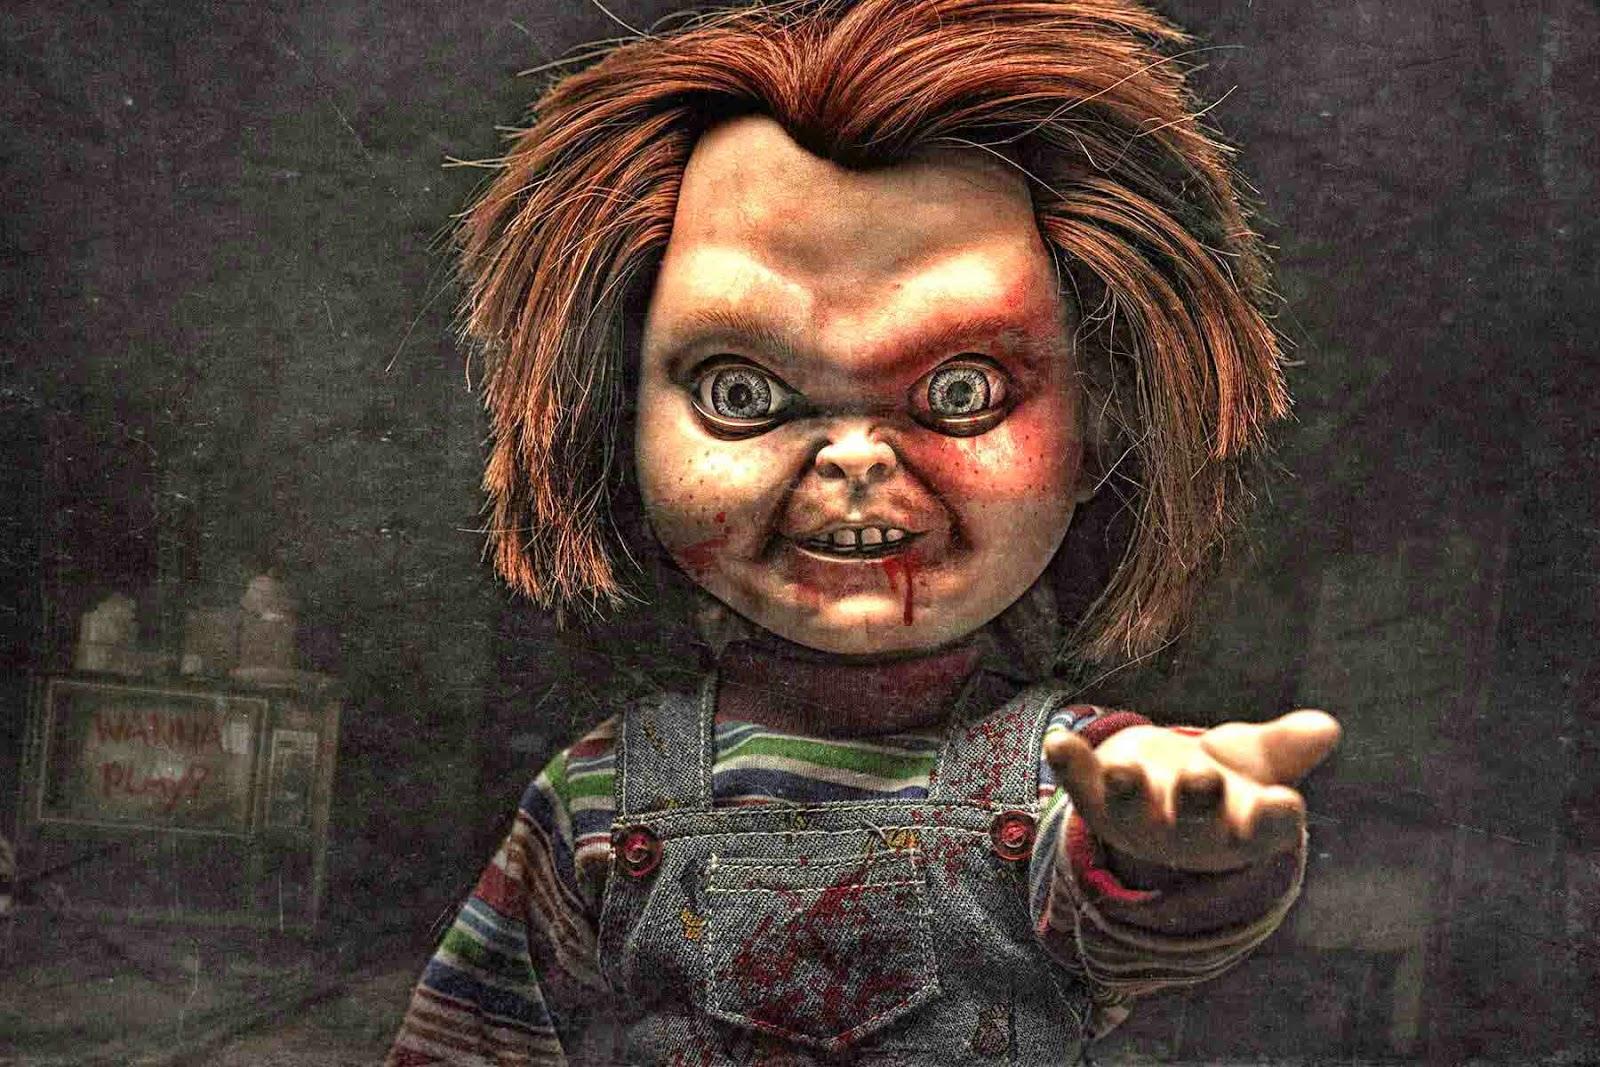 Jack Boneco Assassino Cool brinquedo assassino no cinema - tudosobreseufilme